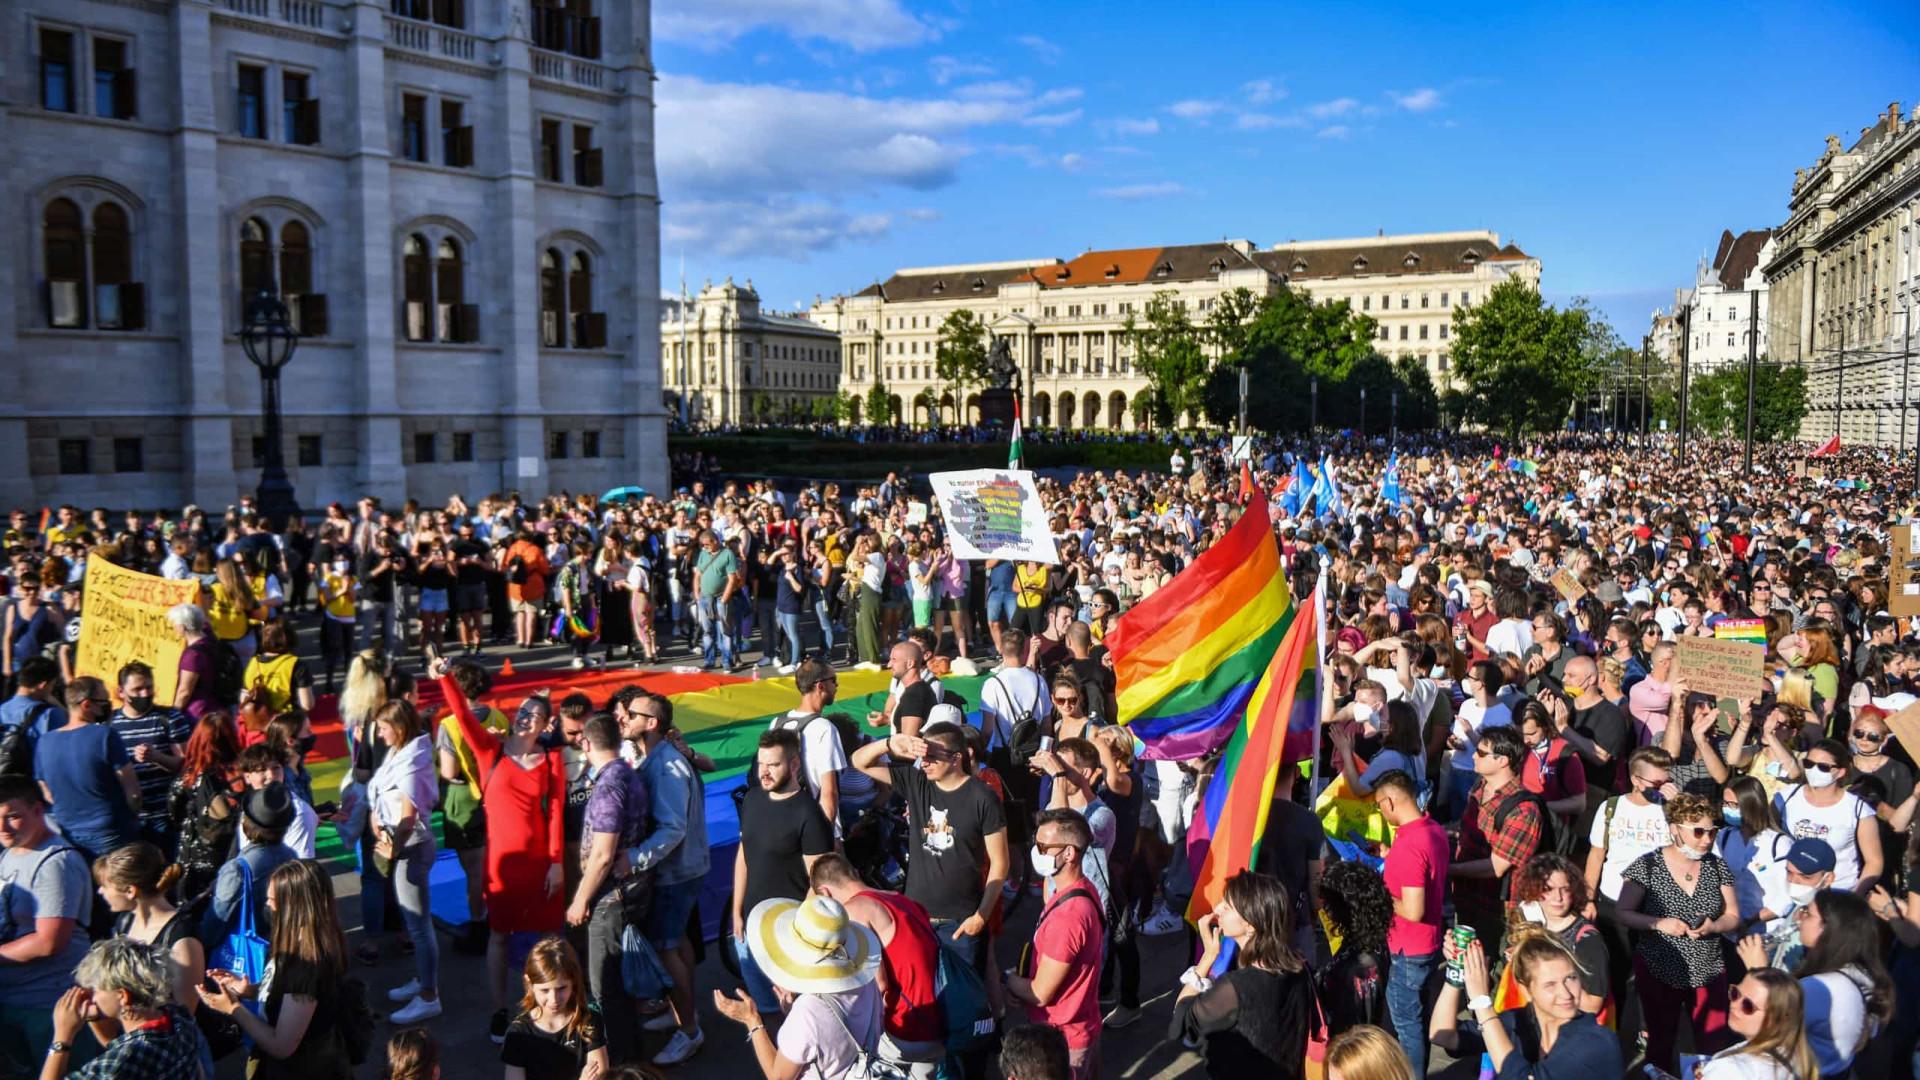 Húngaros em protesto para vetar lei que liga pedofilia a homossexualidade